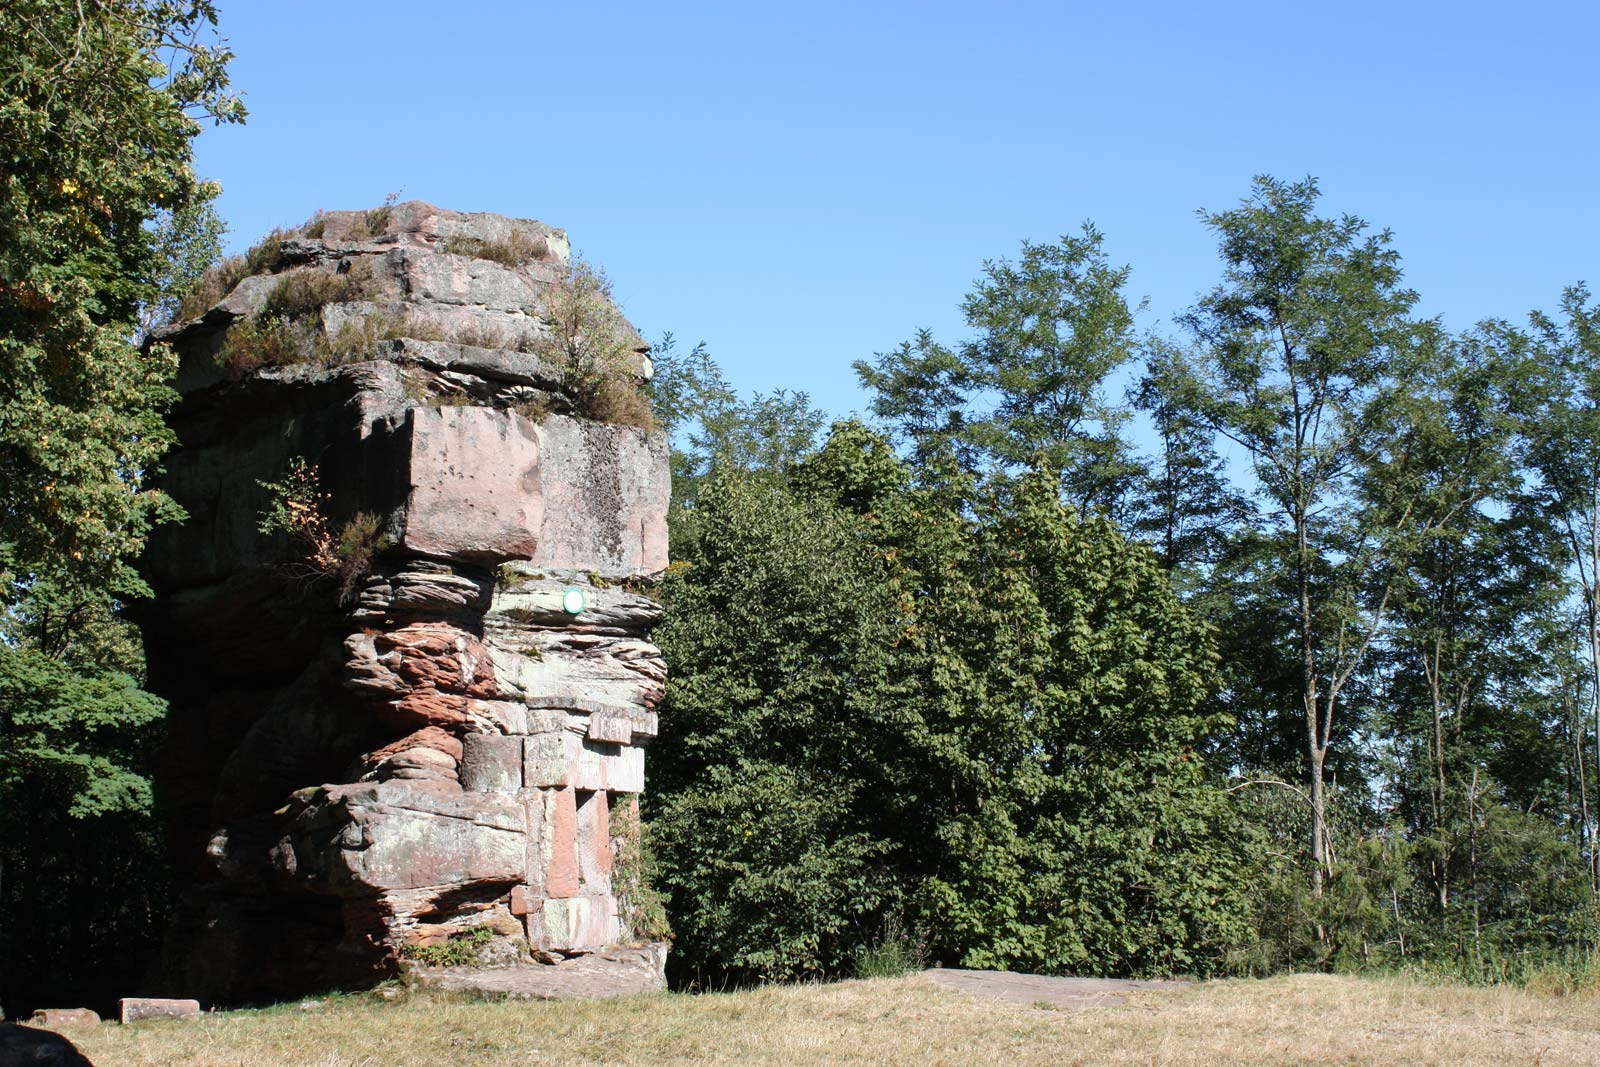 Le Wachtfelsen, Niederbronn-les-Bains, Alsace